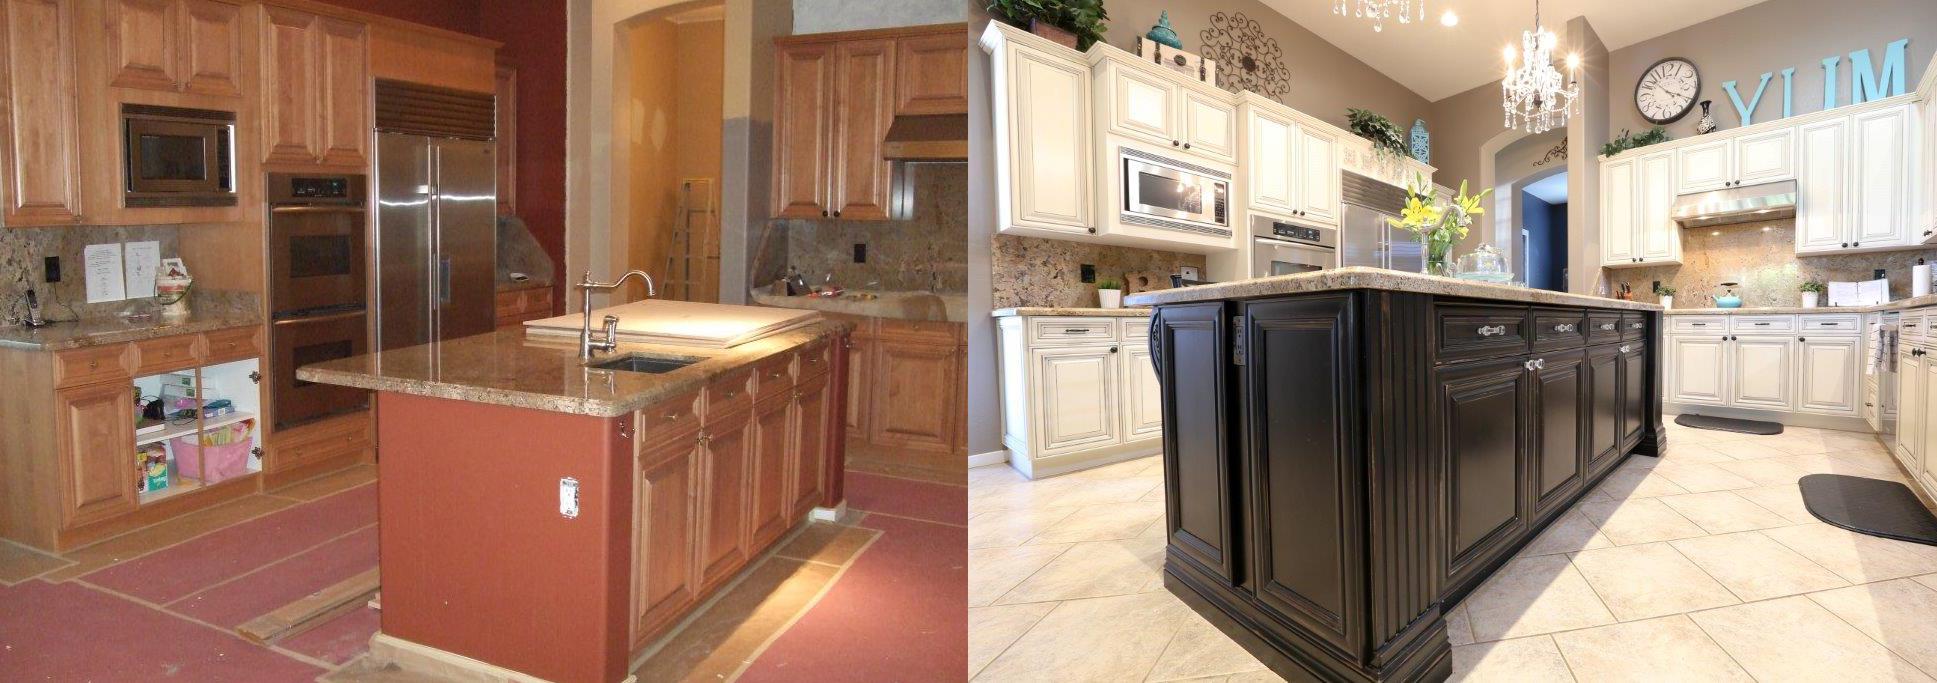 Completely Refinished Cabinets Phoenix Arizona 3